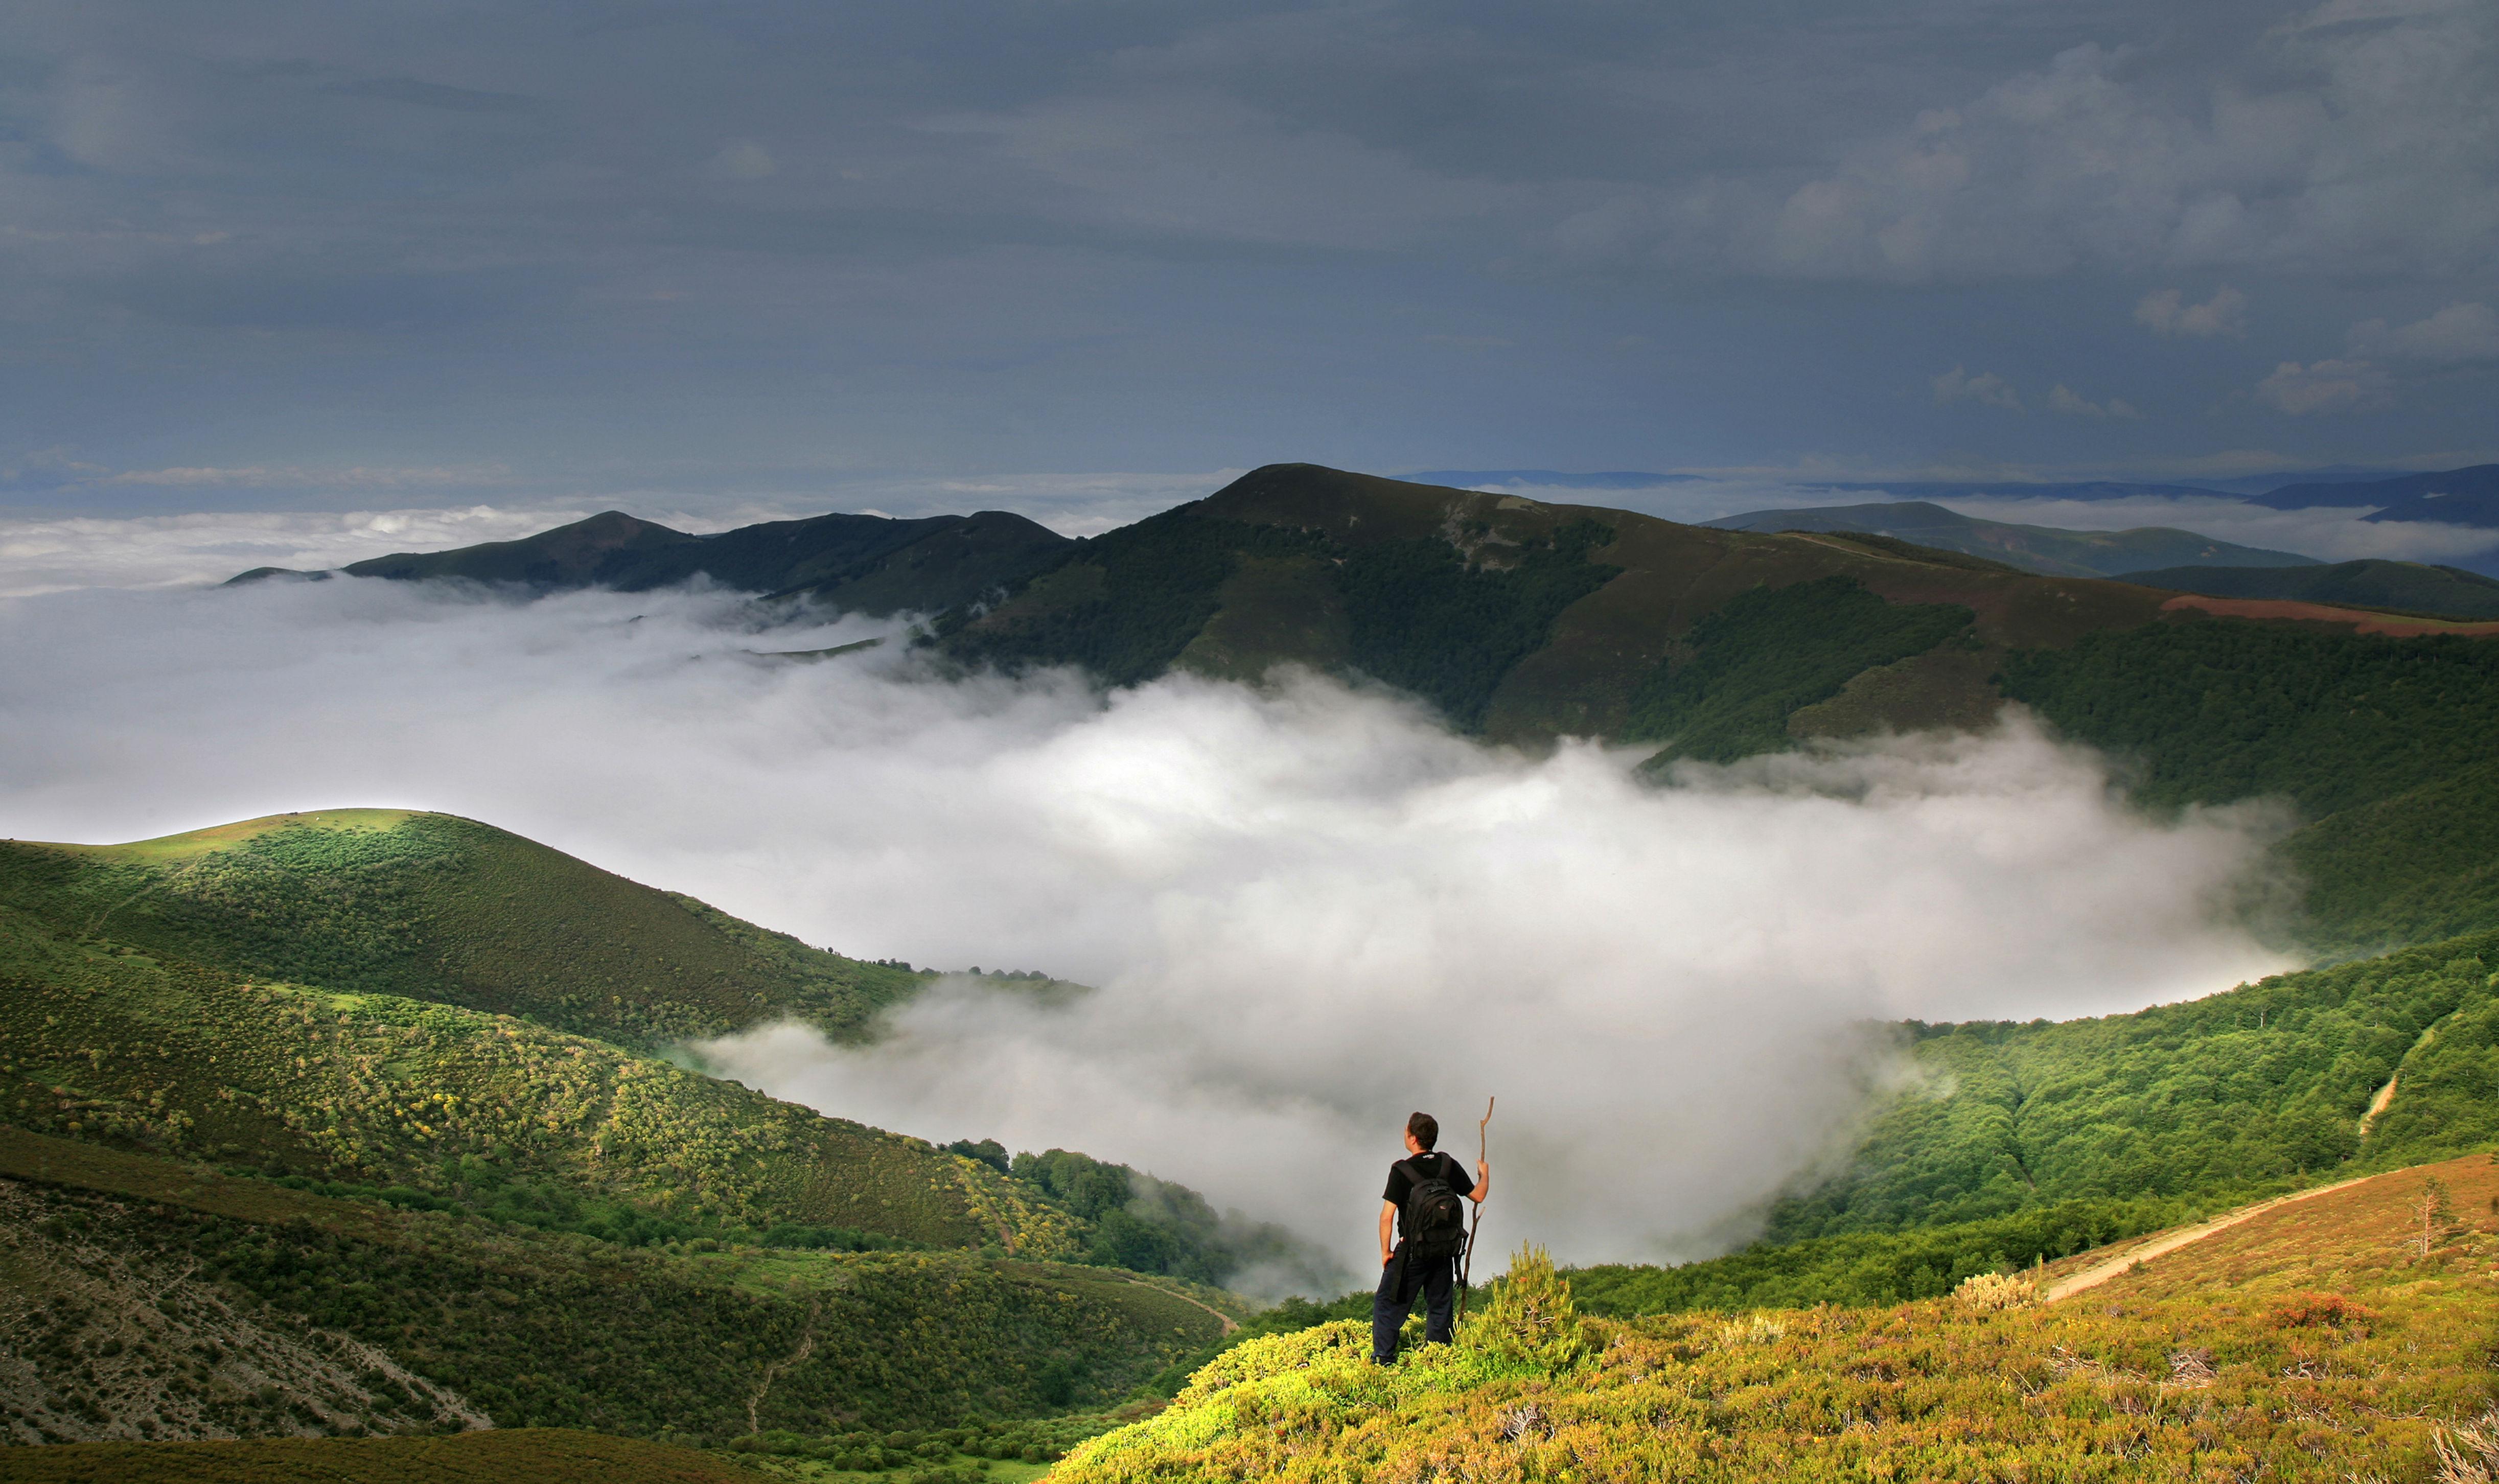 10 paisajes oto ales de ensue o en la rioja vivanco - Imagenes paisajes otonales ...